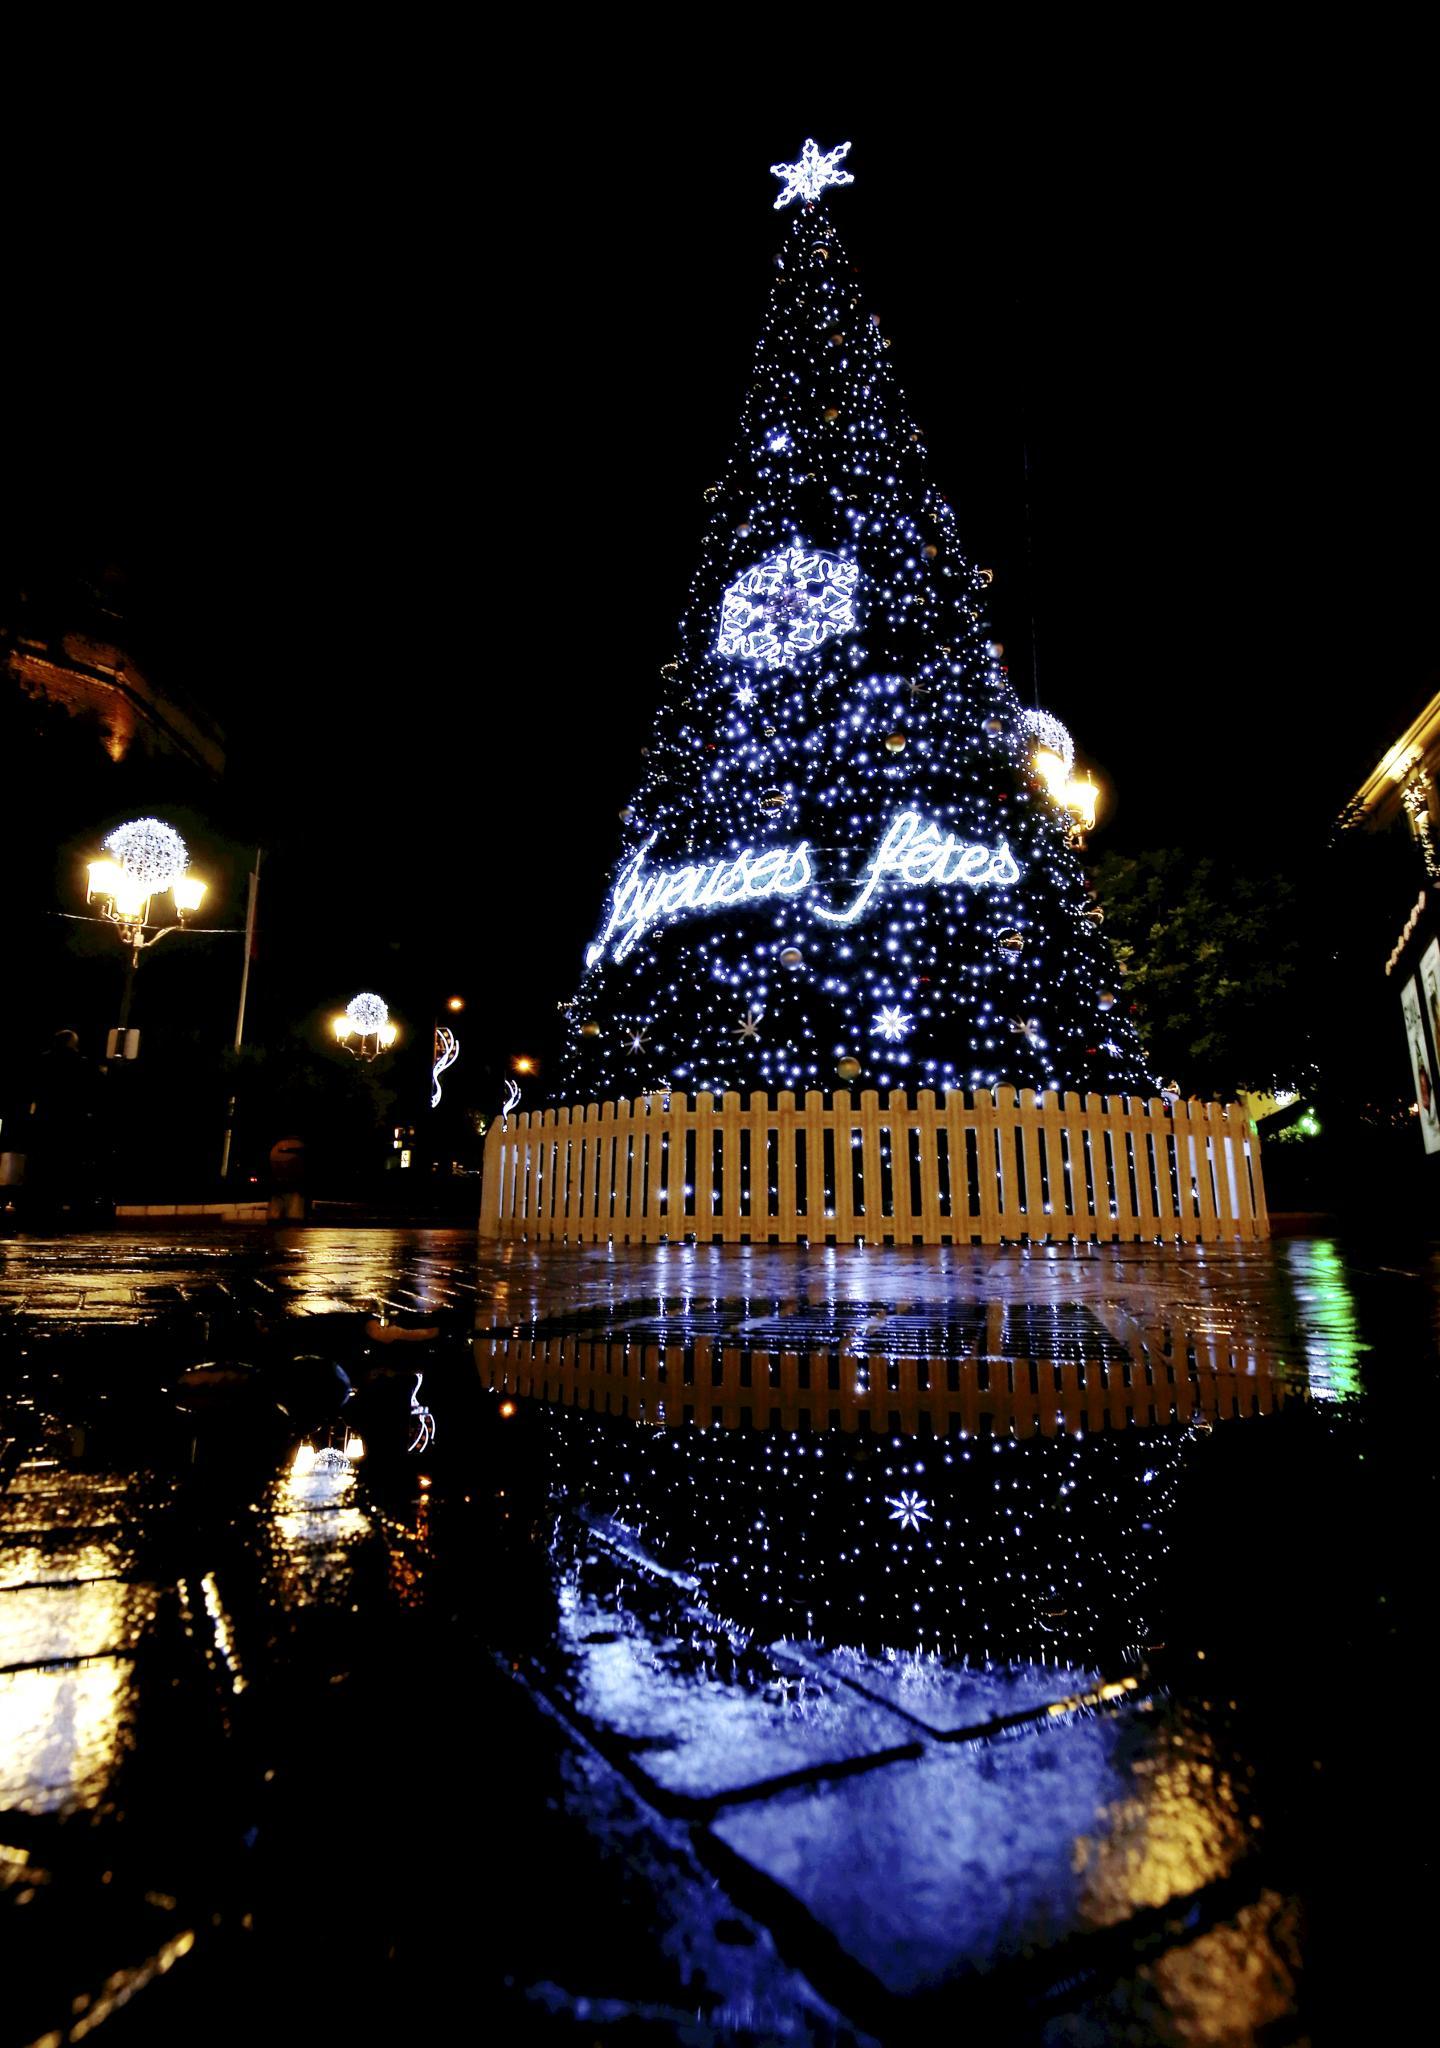 Le majestueux arbre de Noël trône place d'Armes.